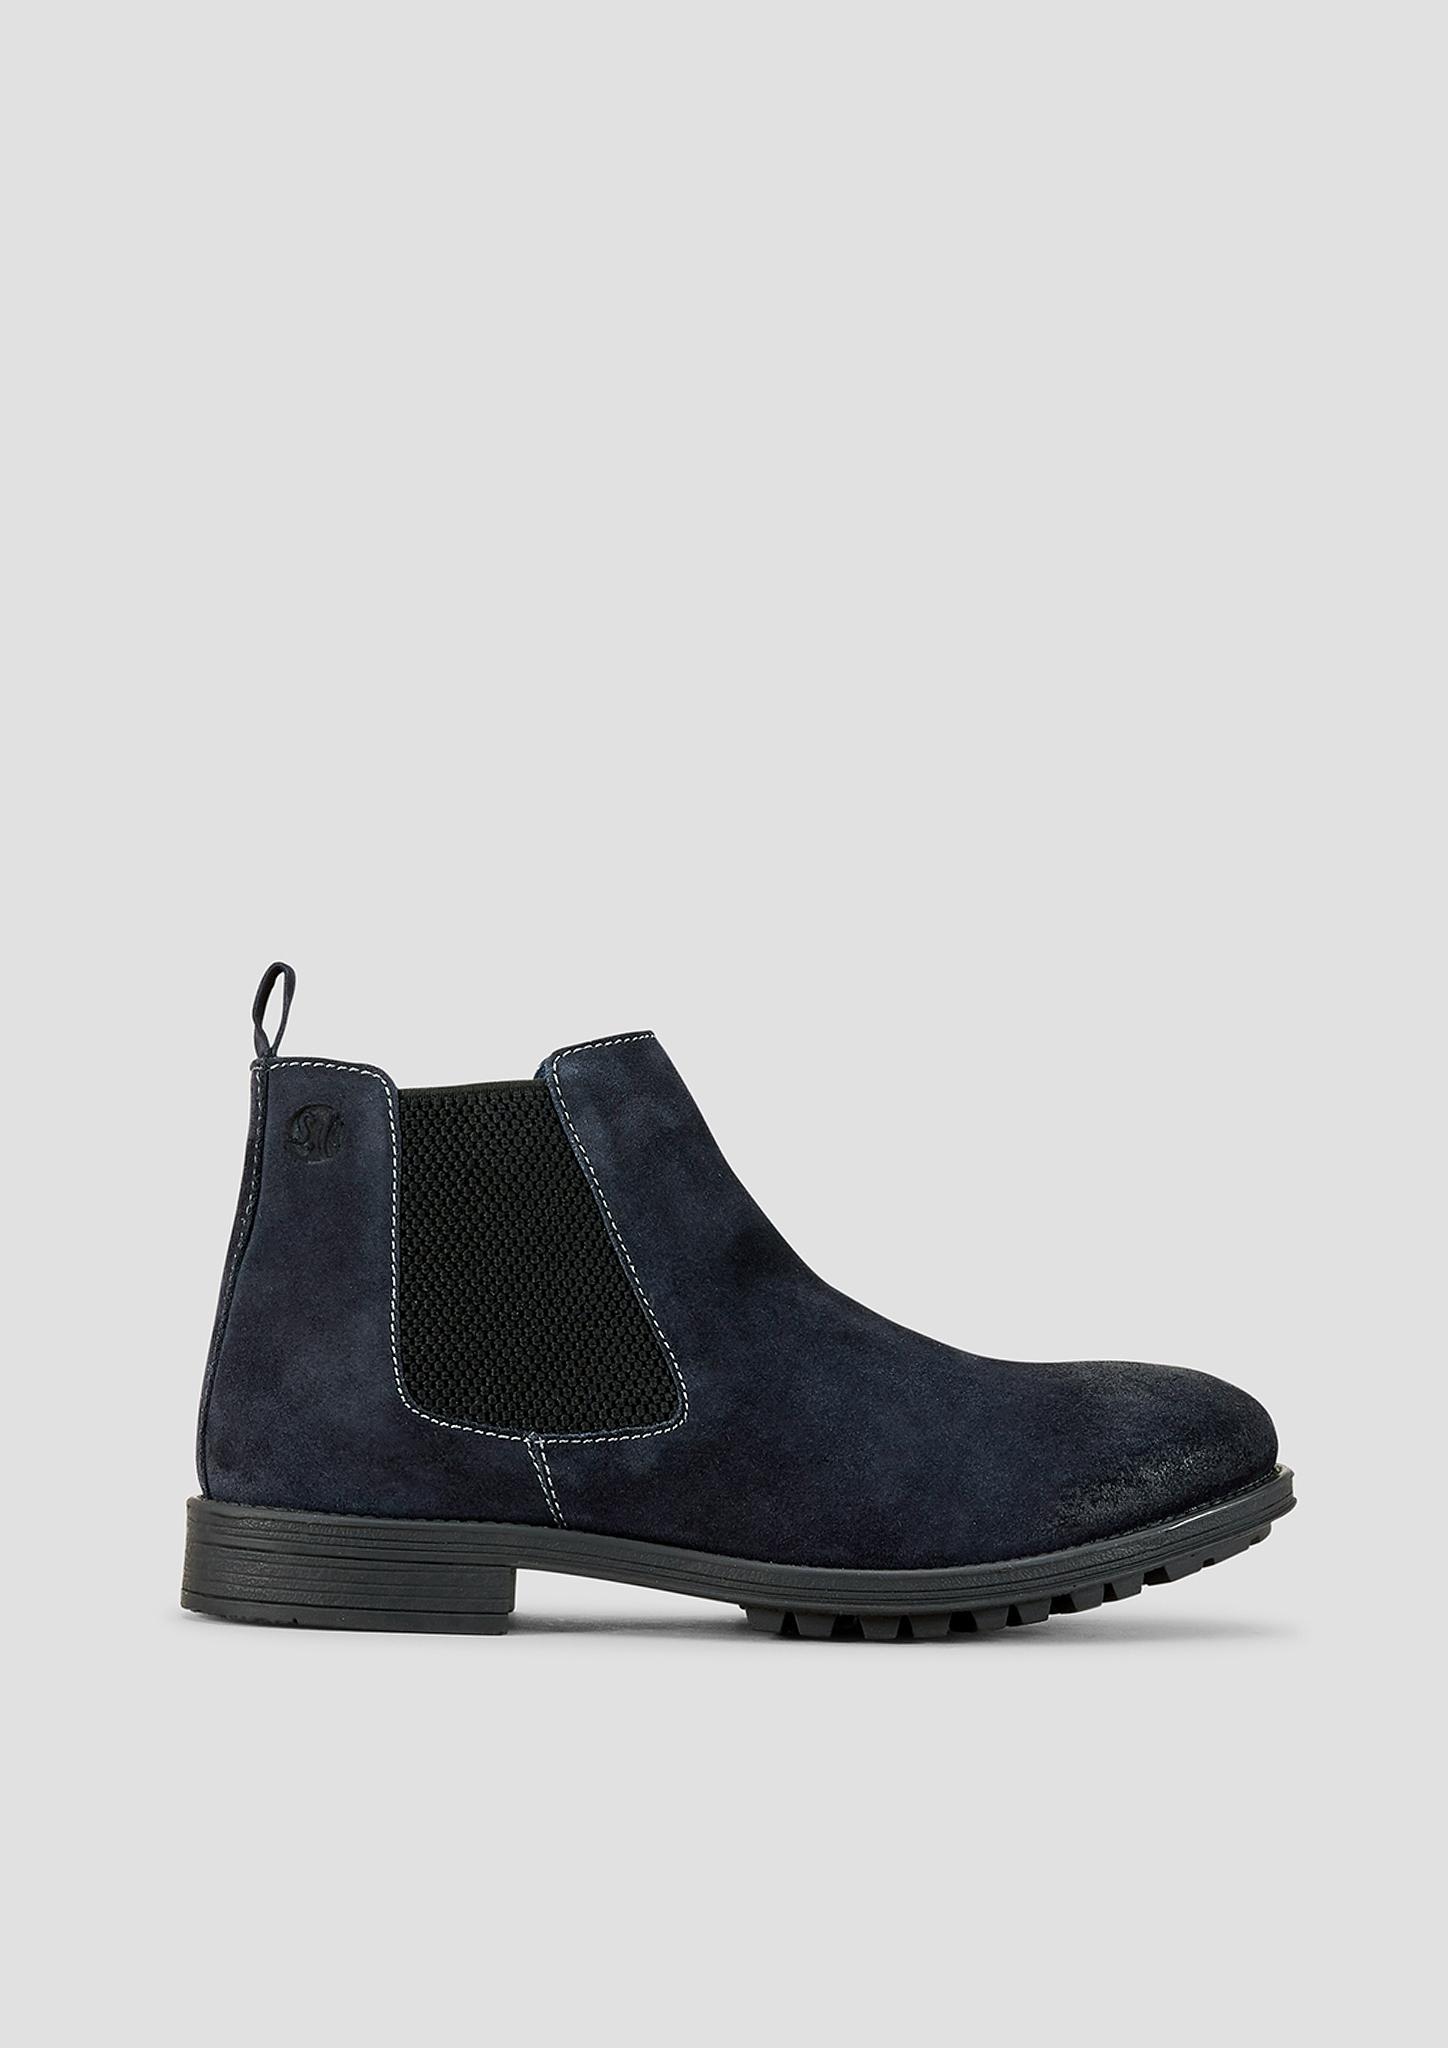 Stiefel | Schuhe > Boots > Stiefel | Blau | Obermaterial aus leder| futter aus textil und leder| decksohle aus leder| laufsohle aus synthetik | s.Oliver